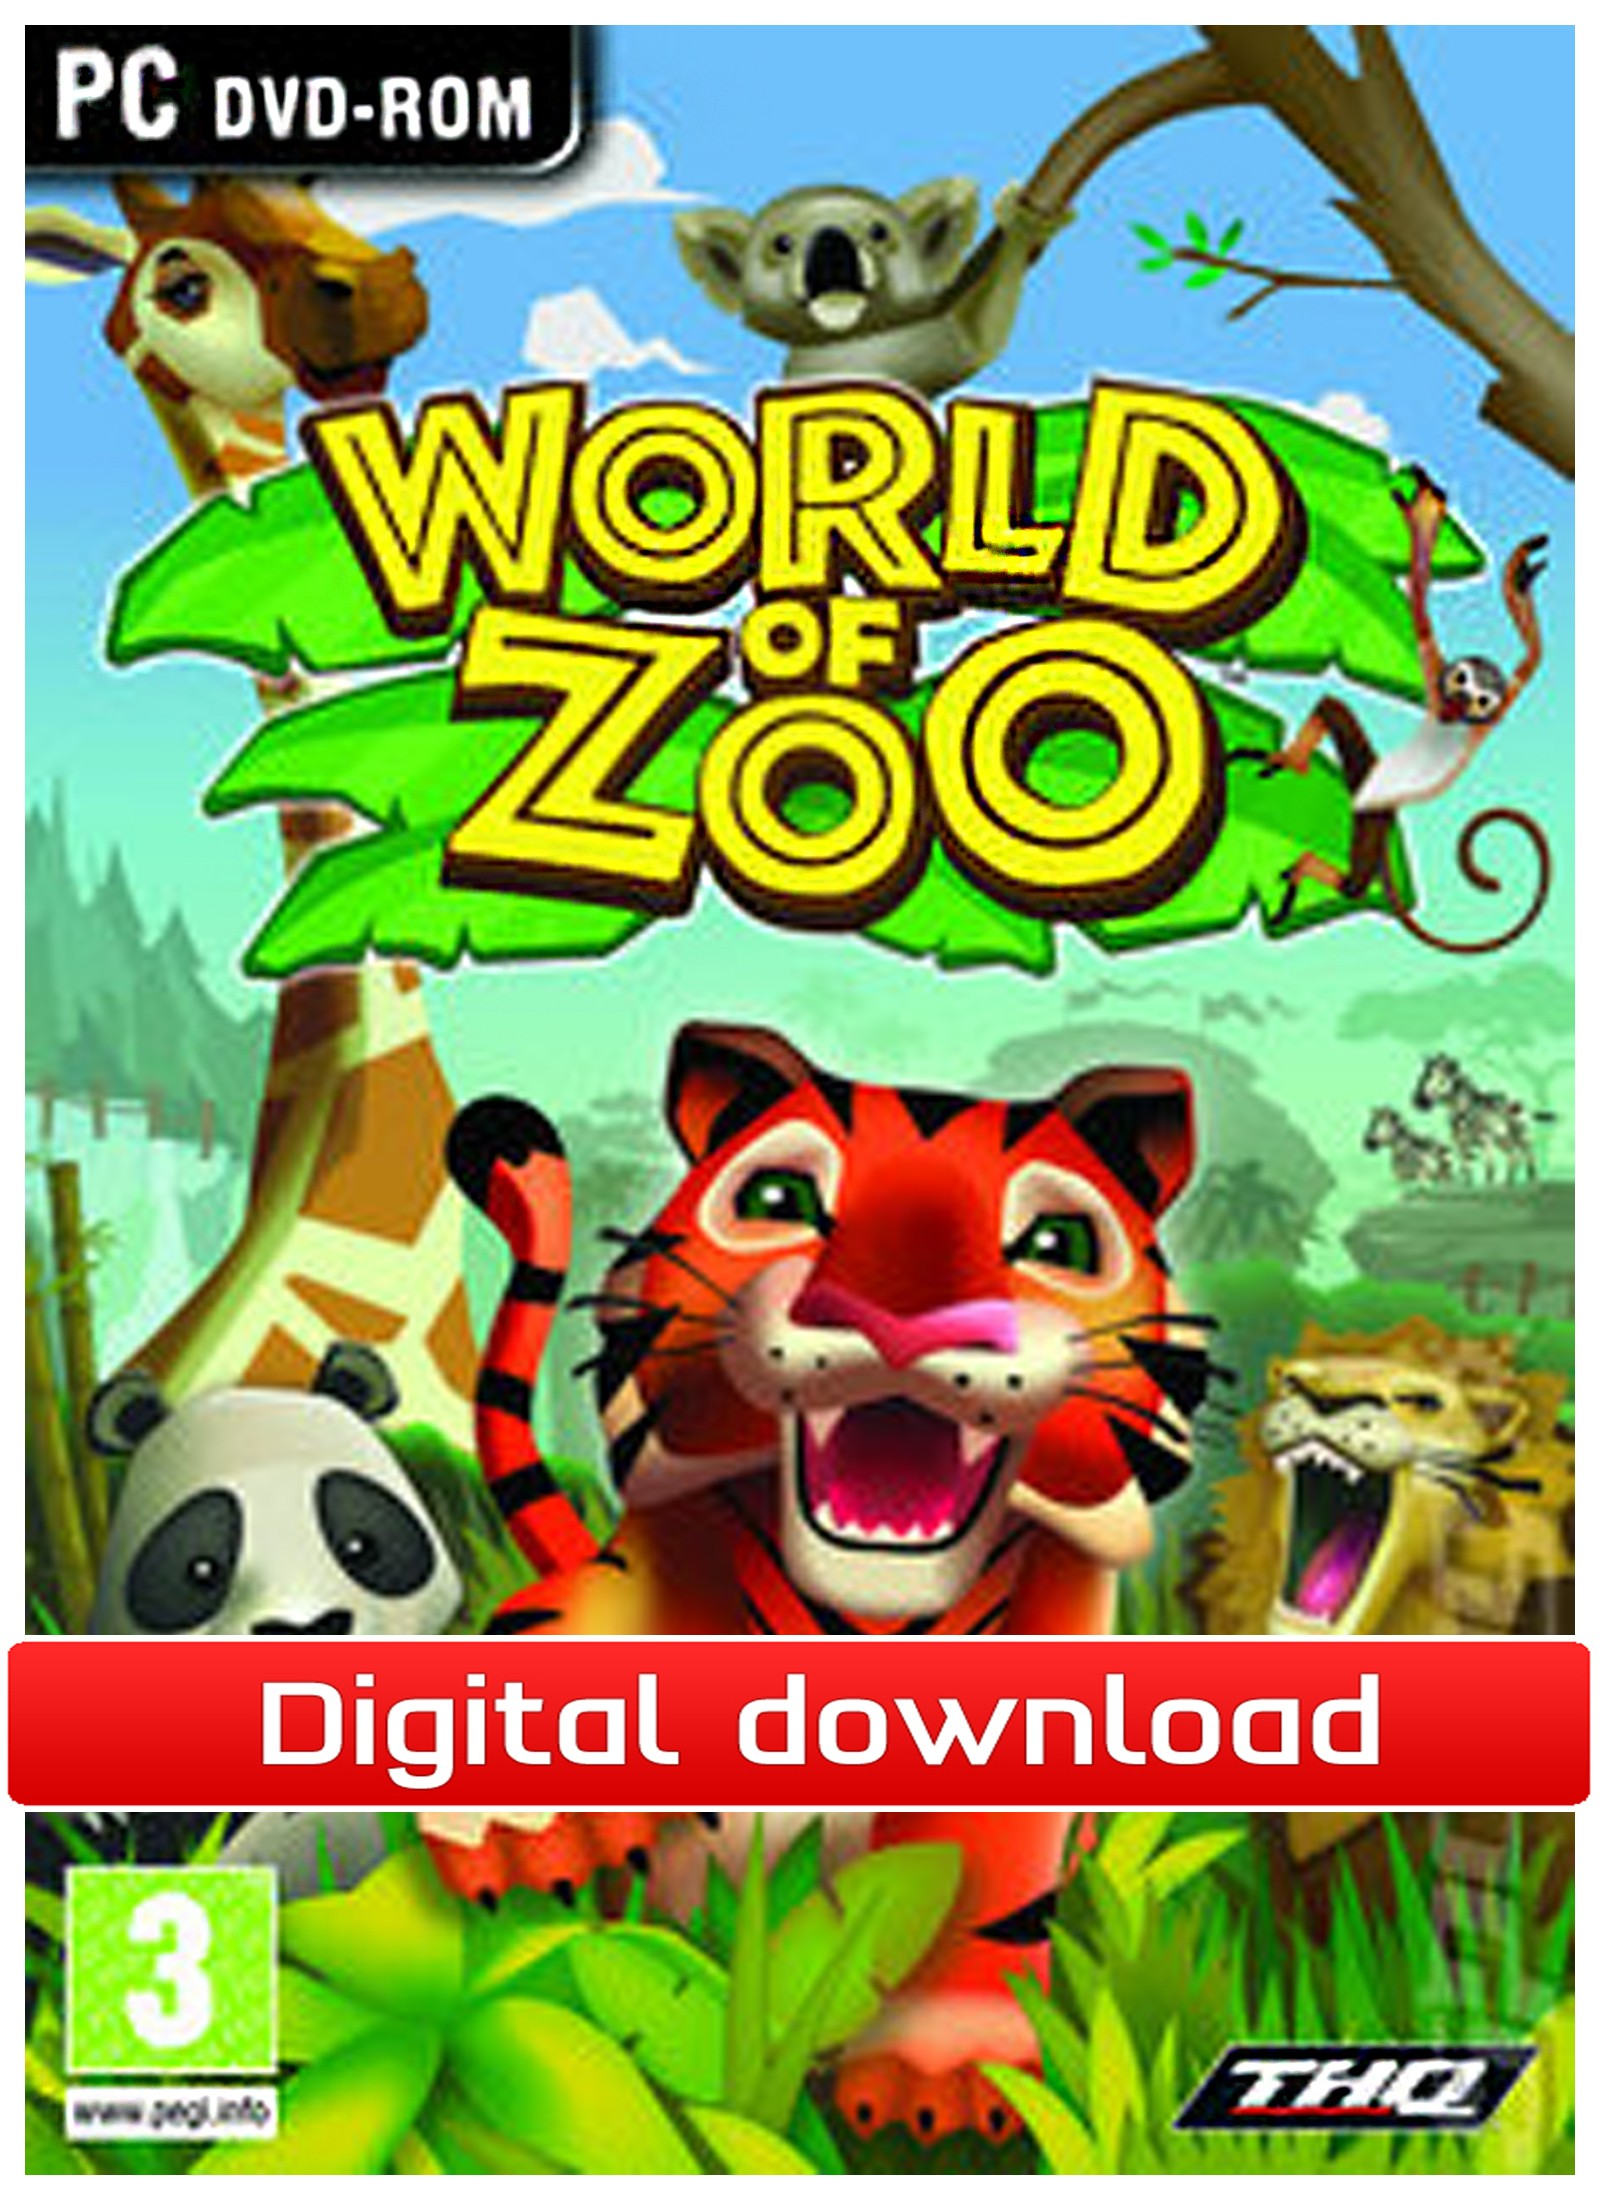 World of Zoo (PC nedlastning) PCDD33867